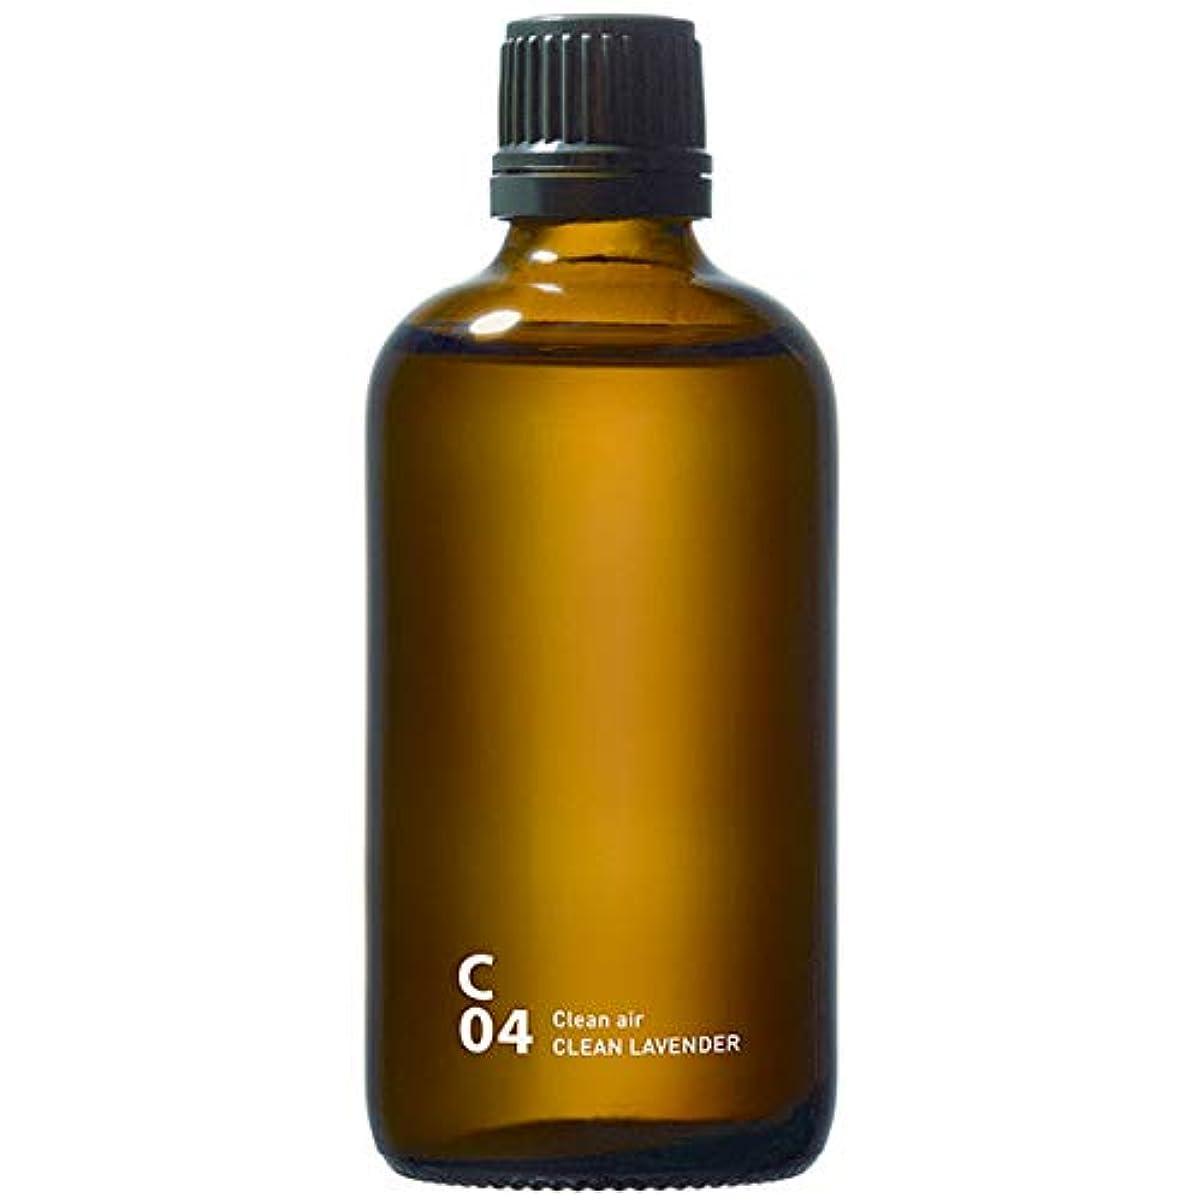 租界放棄されたナインへC04 CLEAN LAVENDER piezo aroma oil 100ml